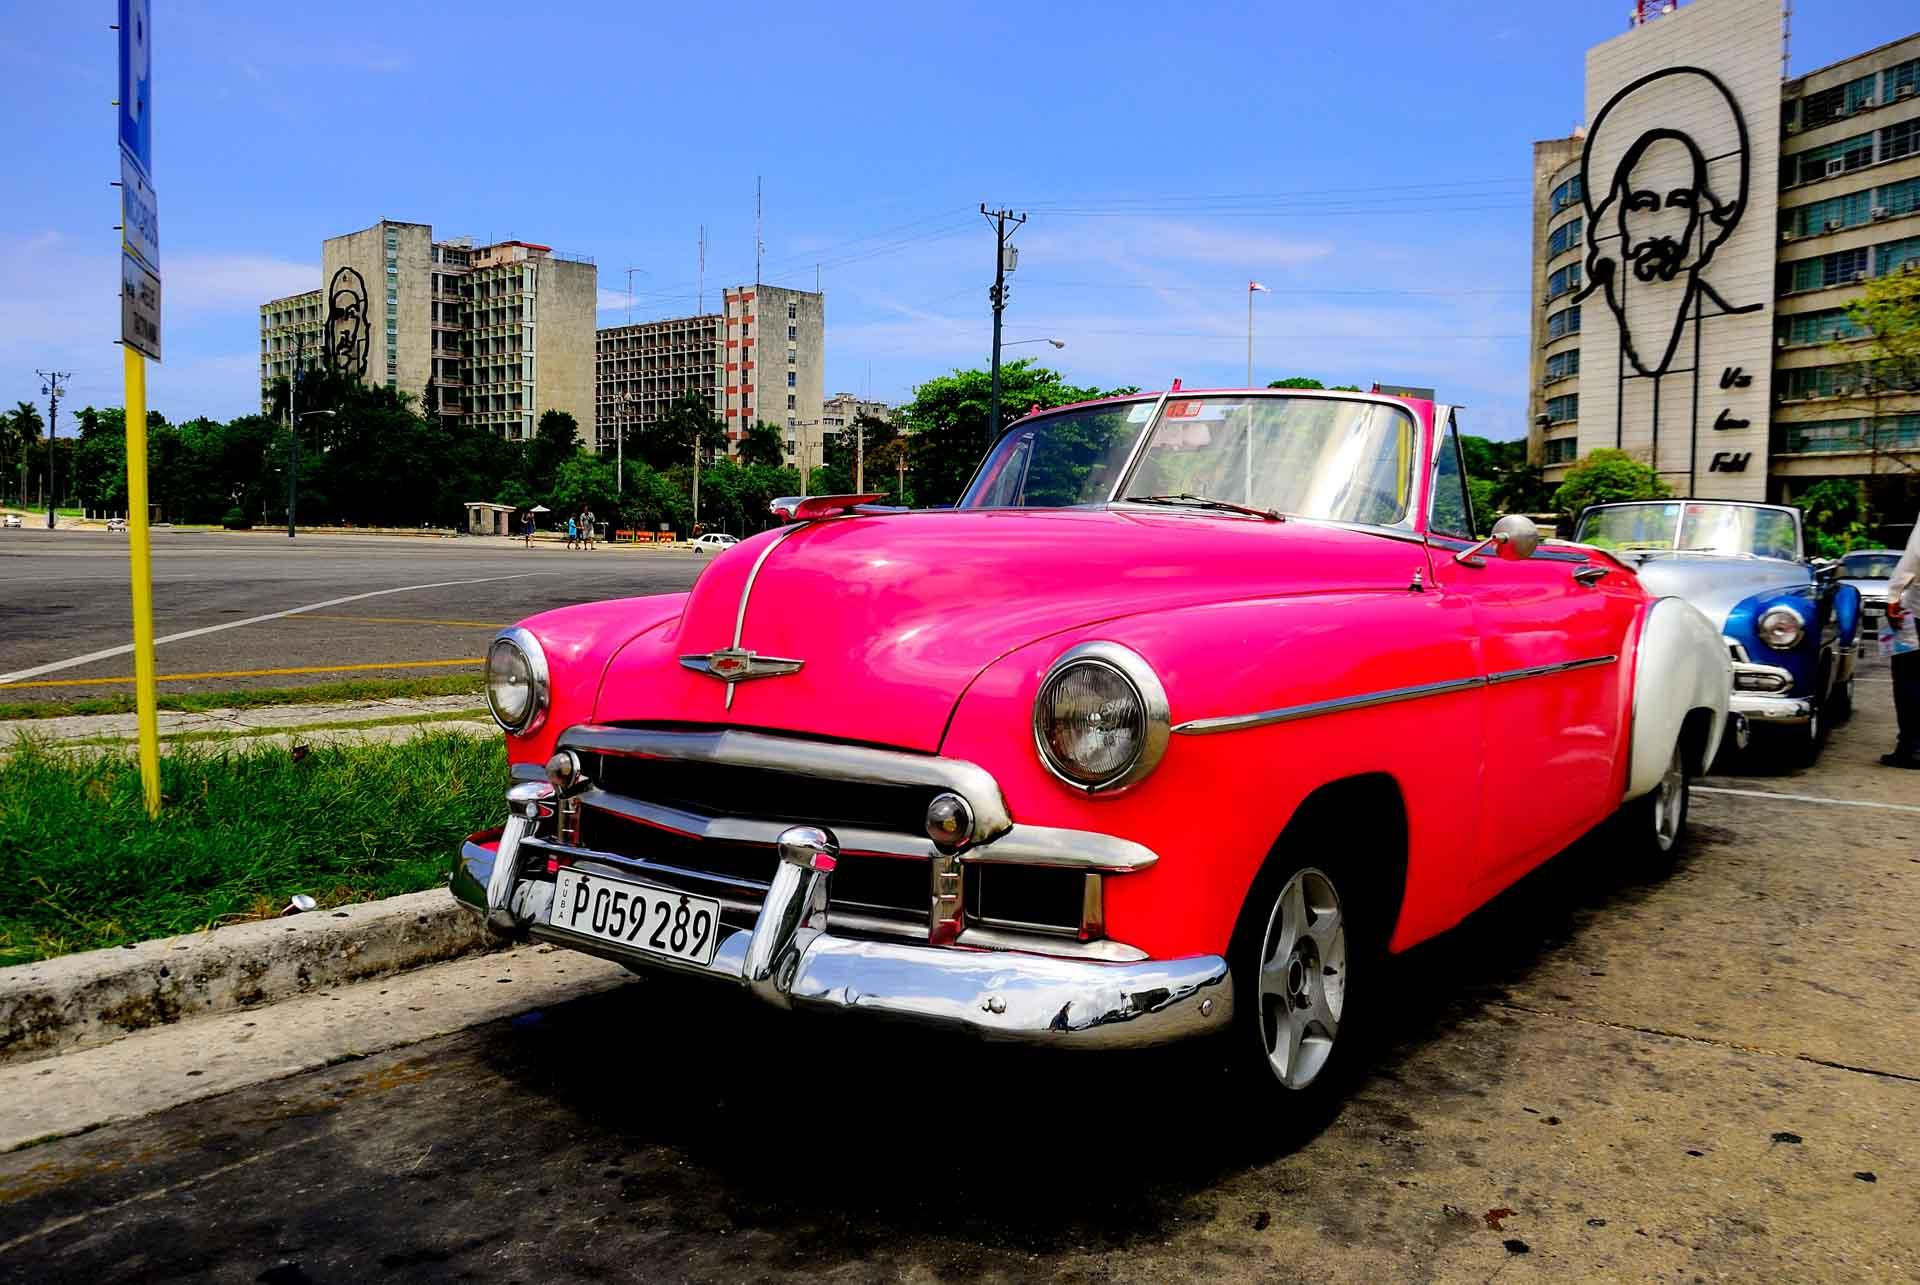 Havana Cuba Vintage Car 9, havana, cuba, pescart, photo blog, travel blog, blog, photo travel blog, enrico pescantini, pescantini